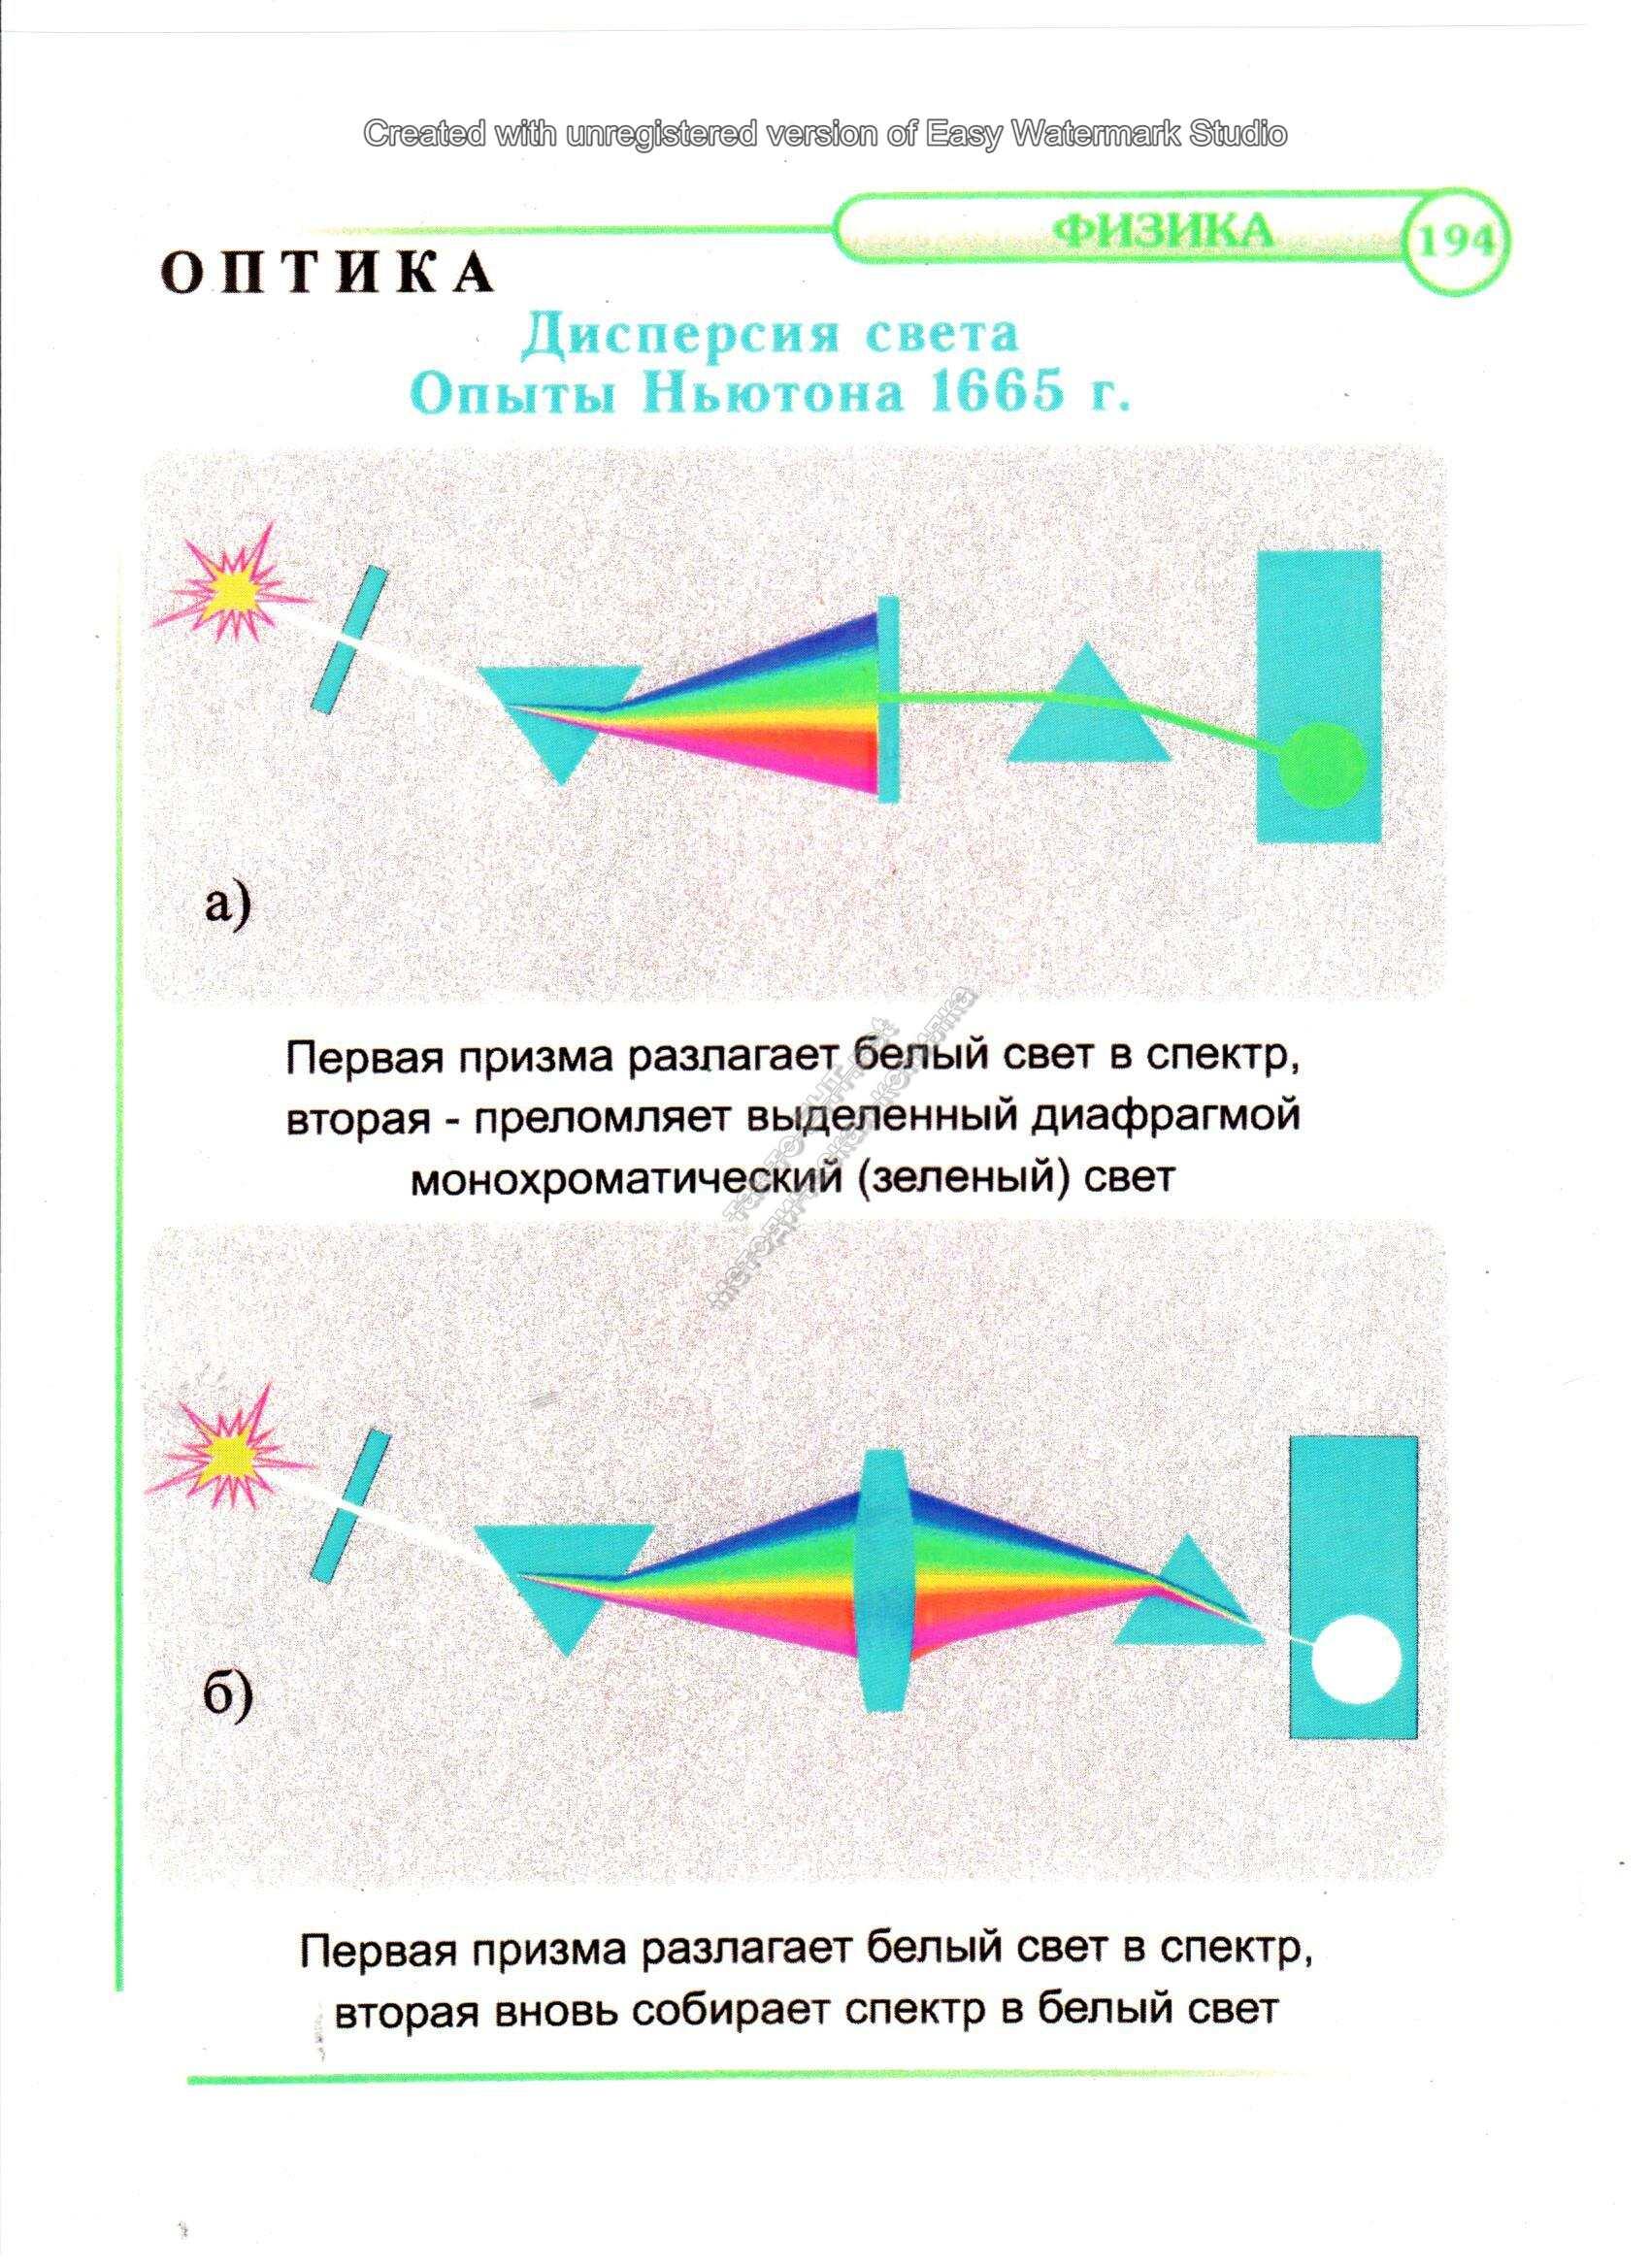 Дисперсия света. Опыты Ньютона 1665 г